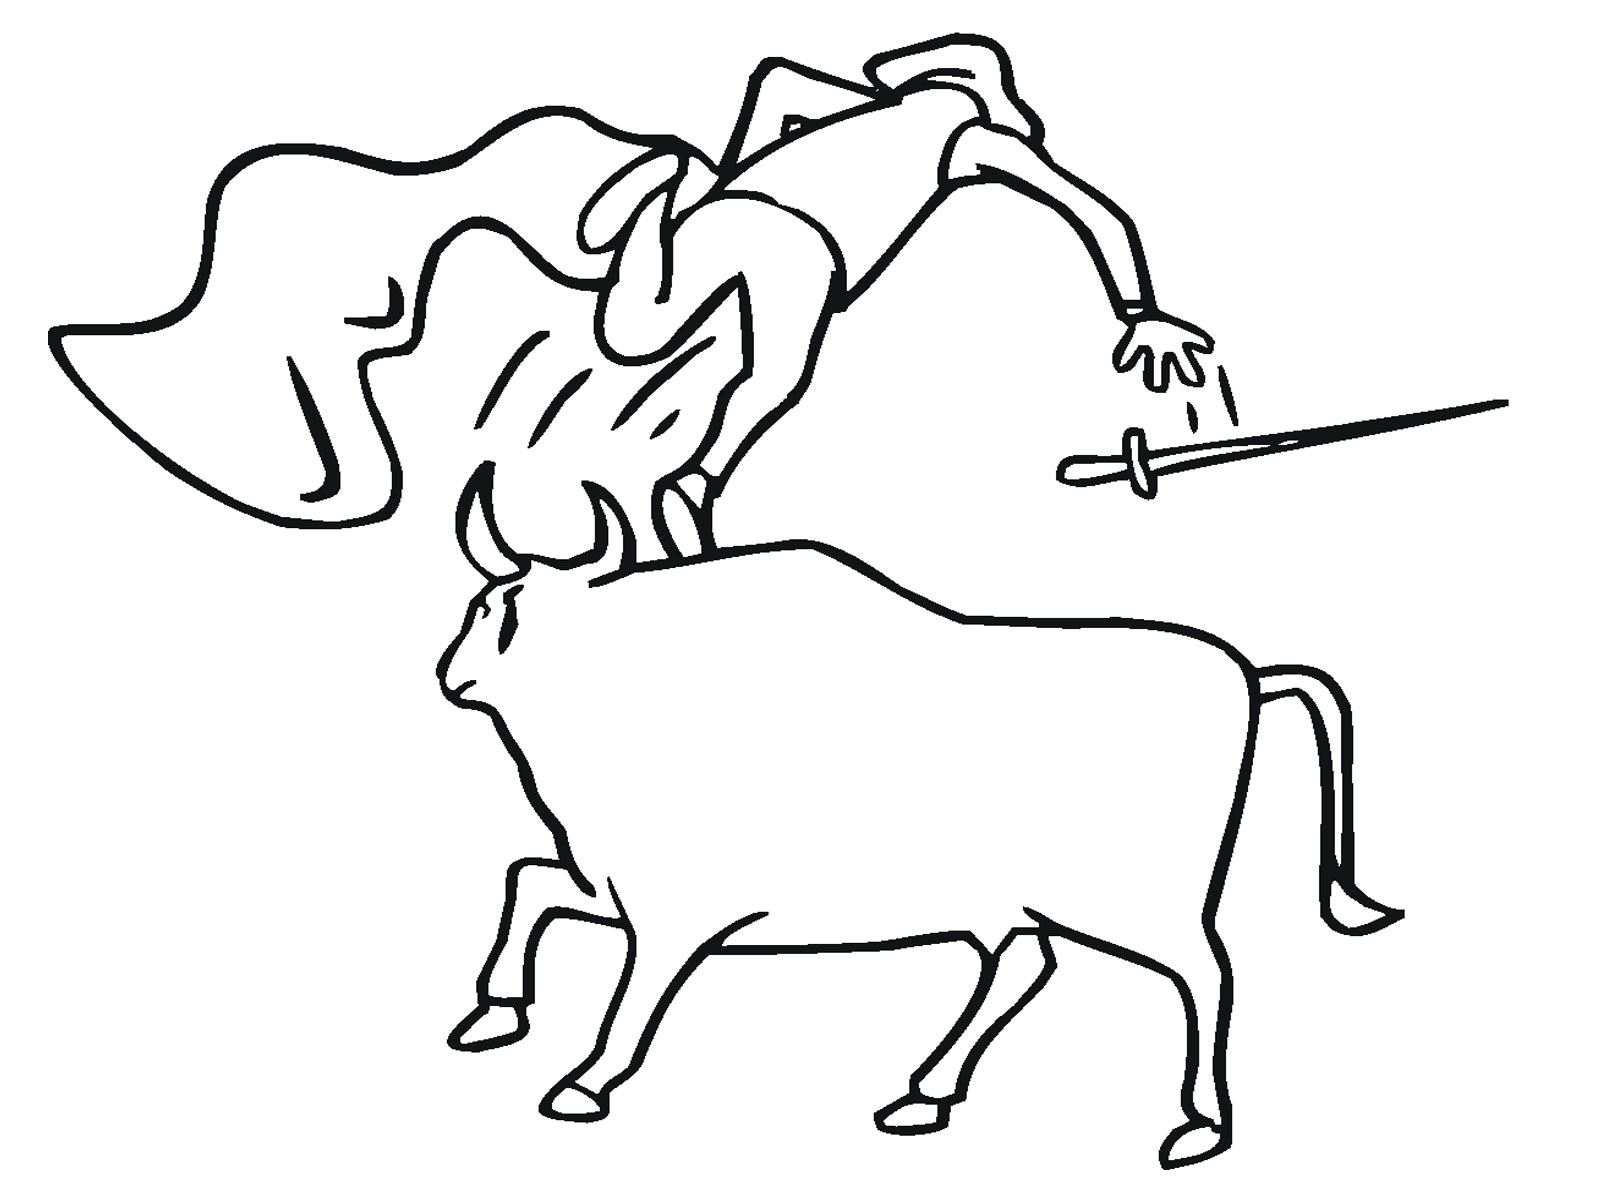 Bull Throwing Matador Coloring Page